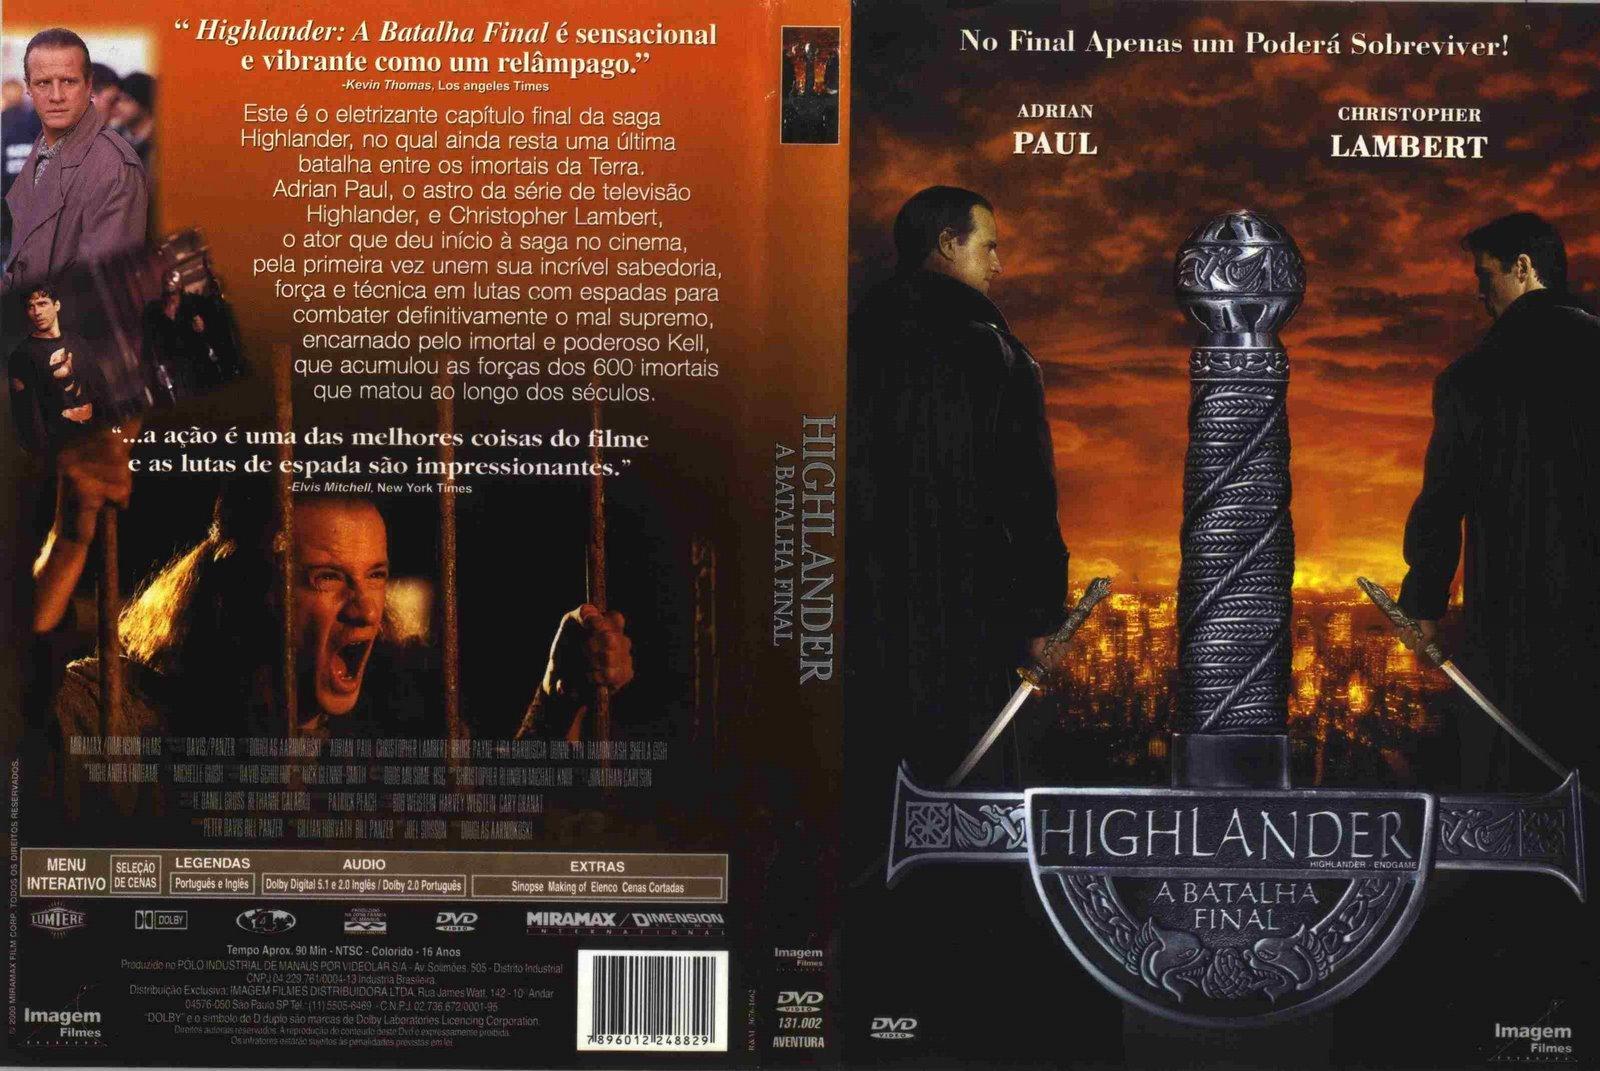 Resultado de imagem para Highlander A Batalha Final poster